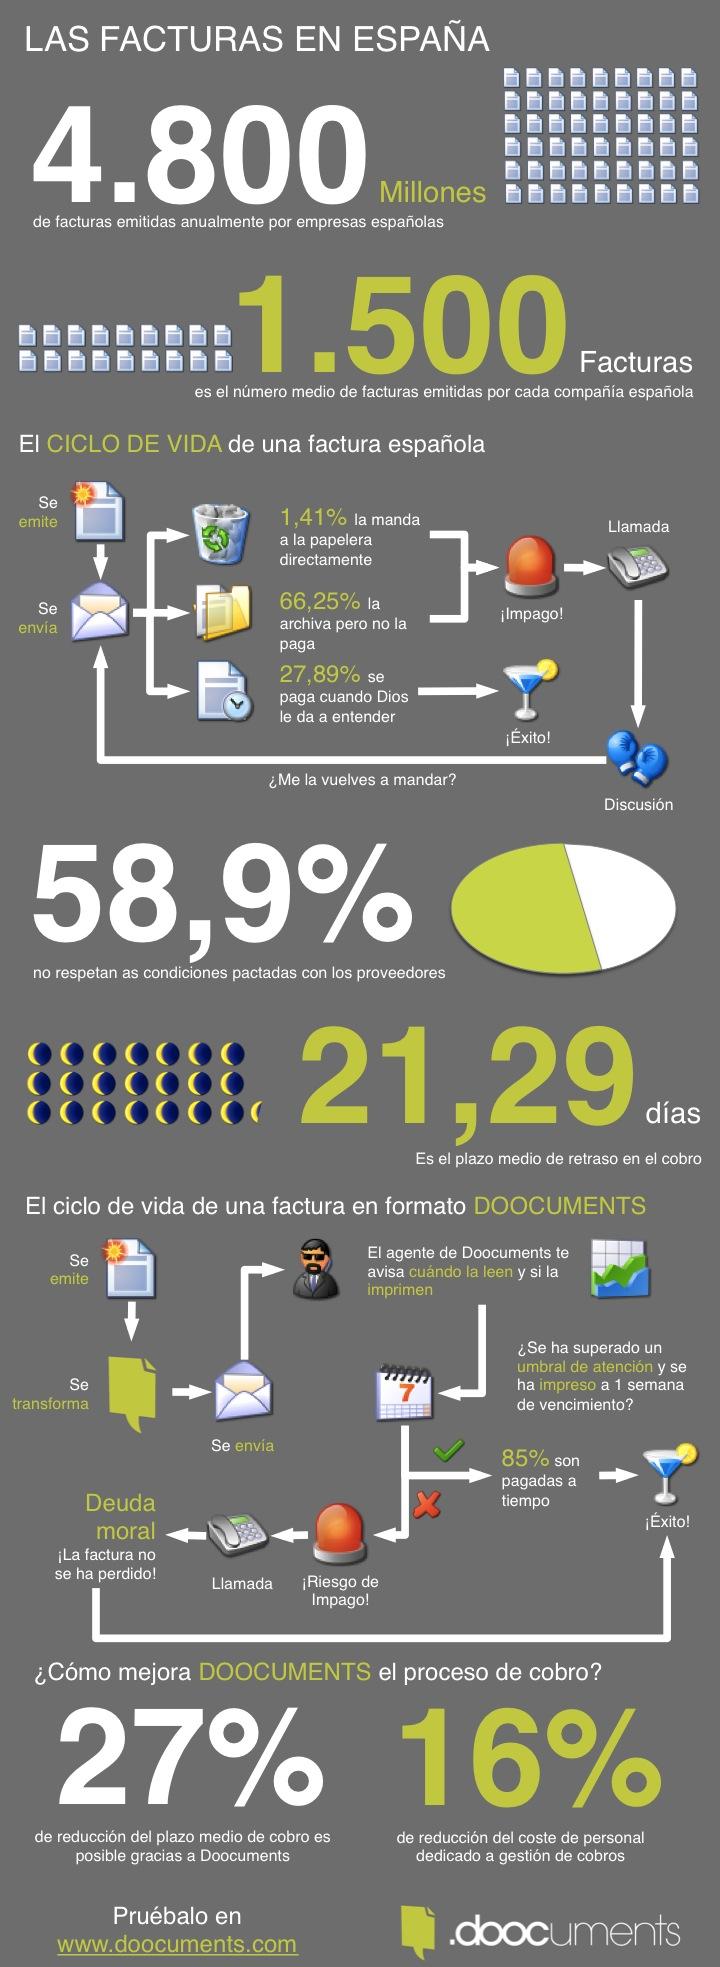 Las facturas en España